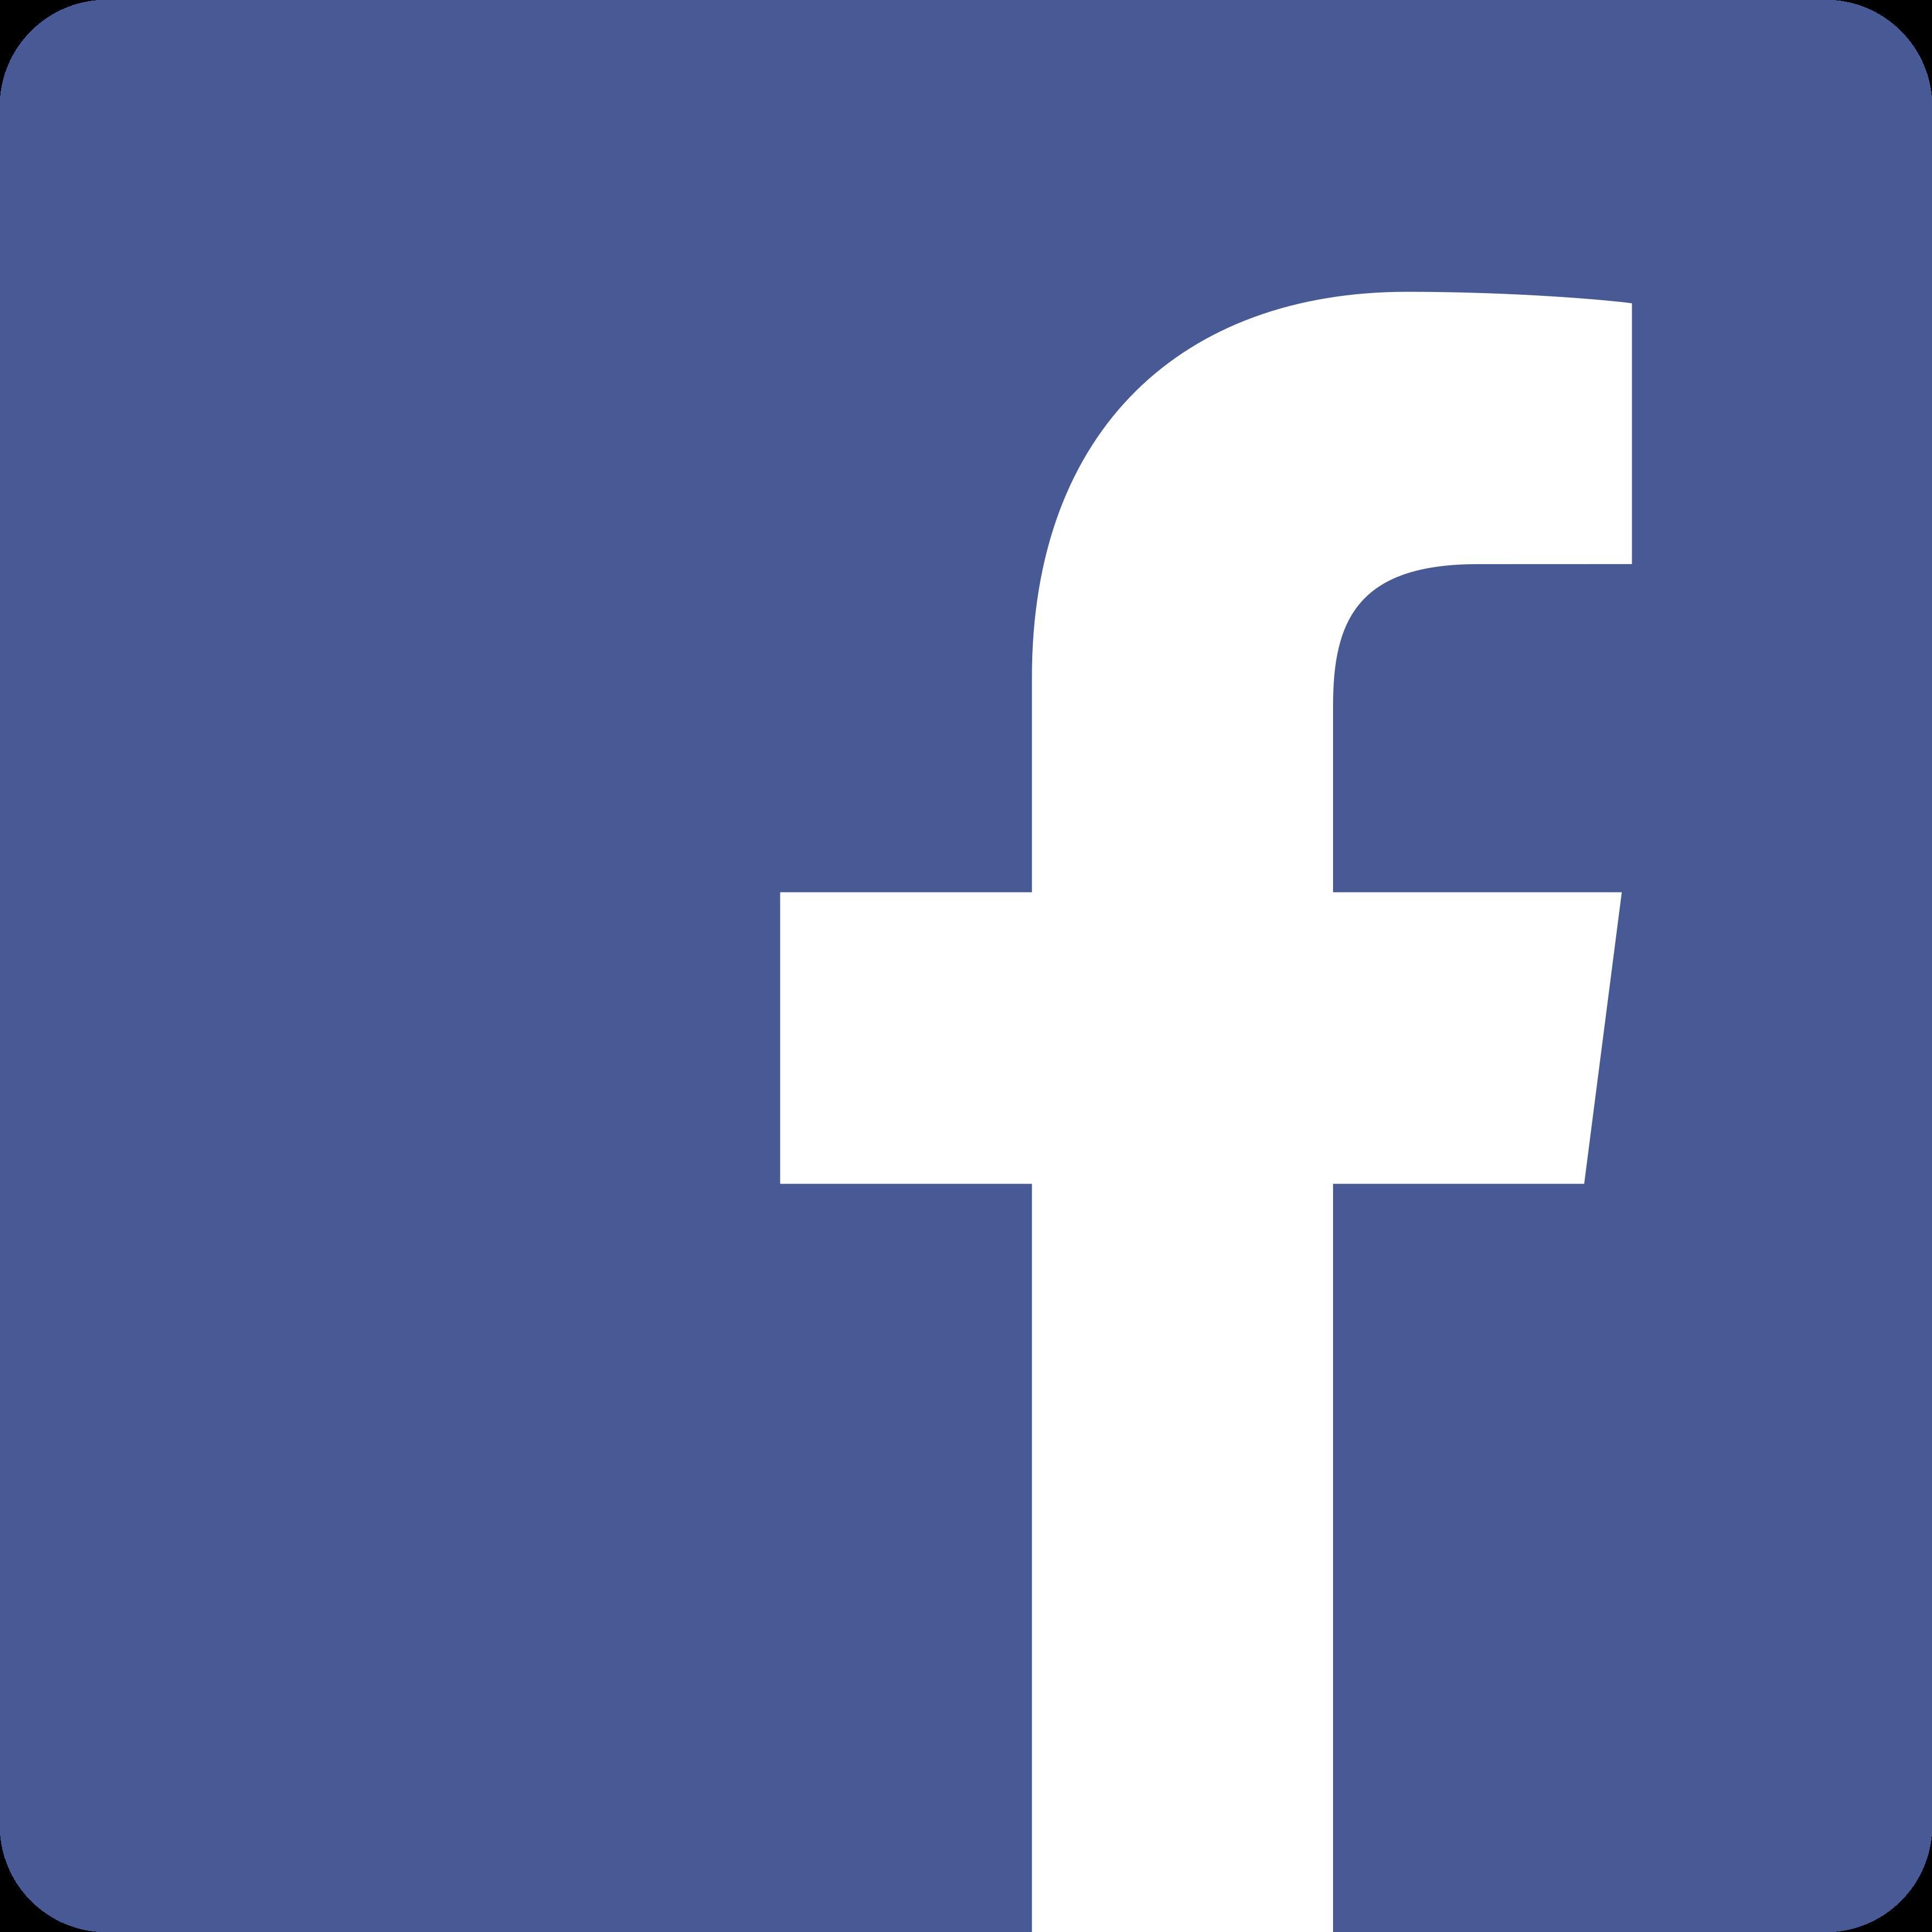 Отзывы и комментарии Facebook